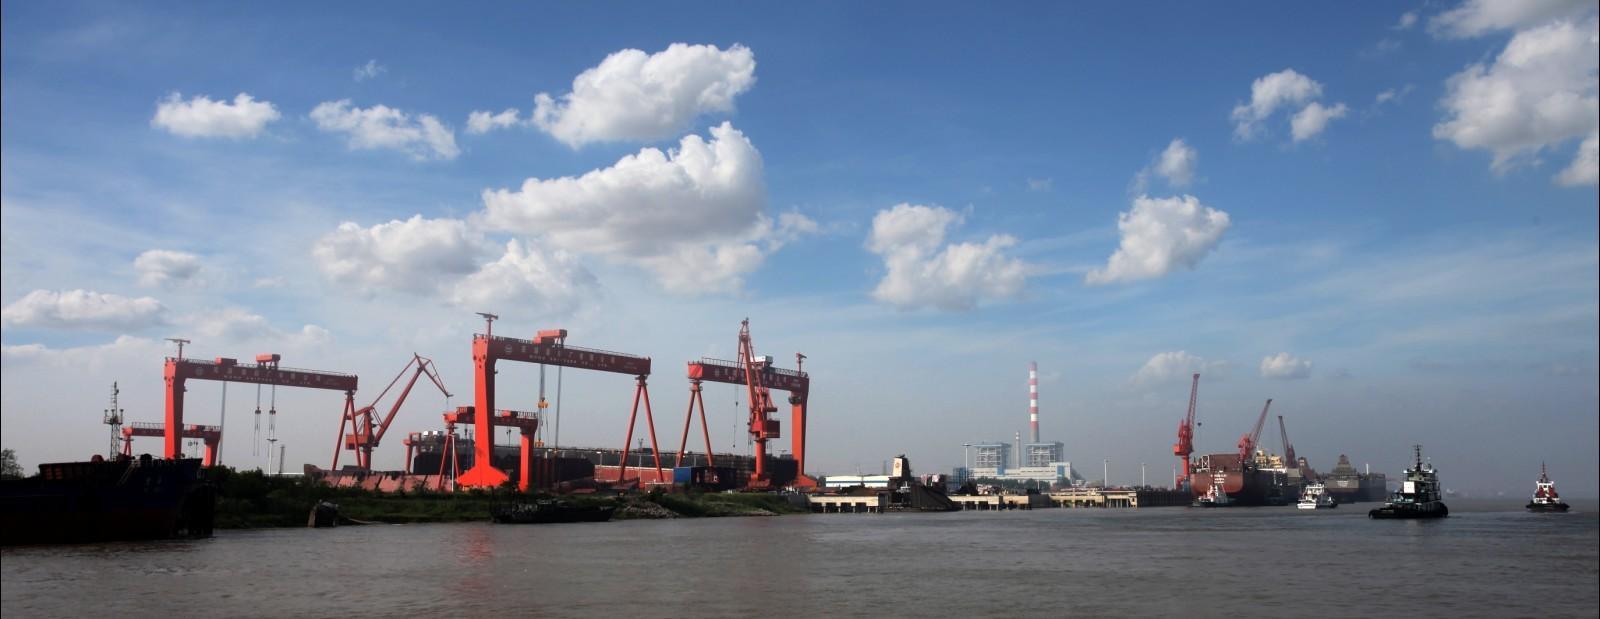 071型船坞登陆舰_中国海军主要造船厂建造的军用舰艇 - 知乎